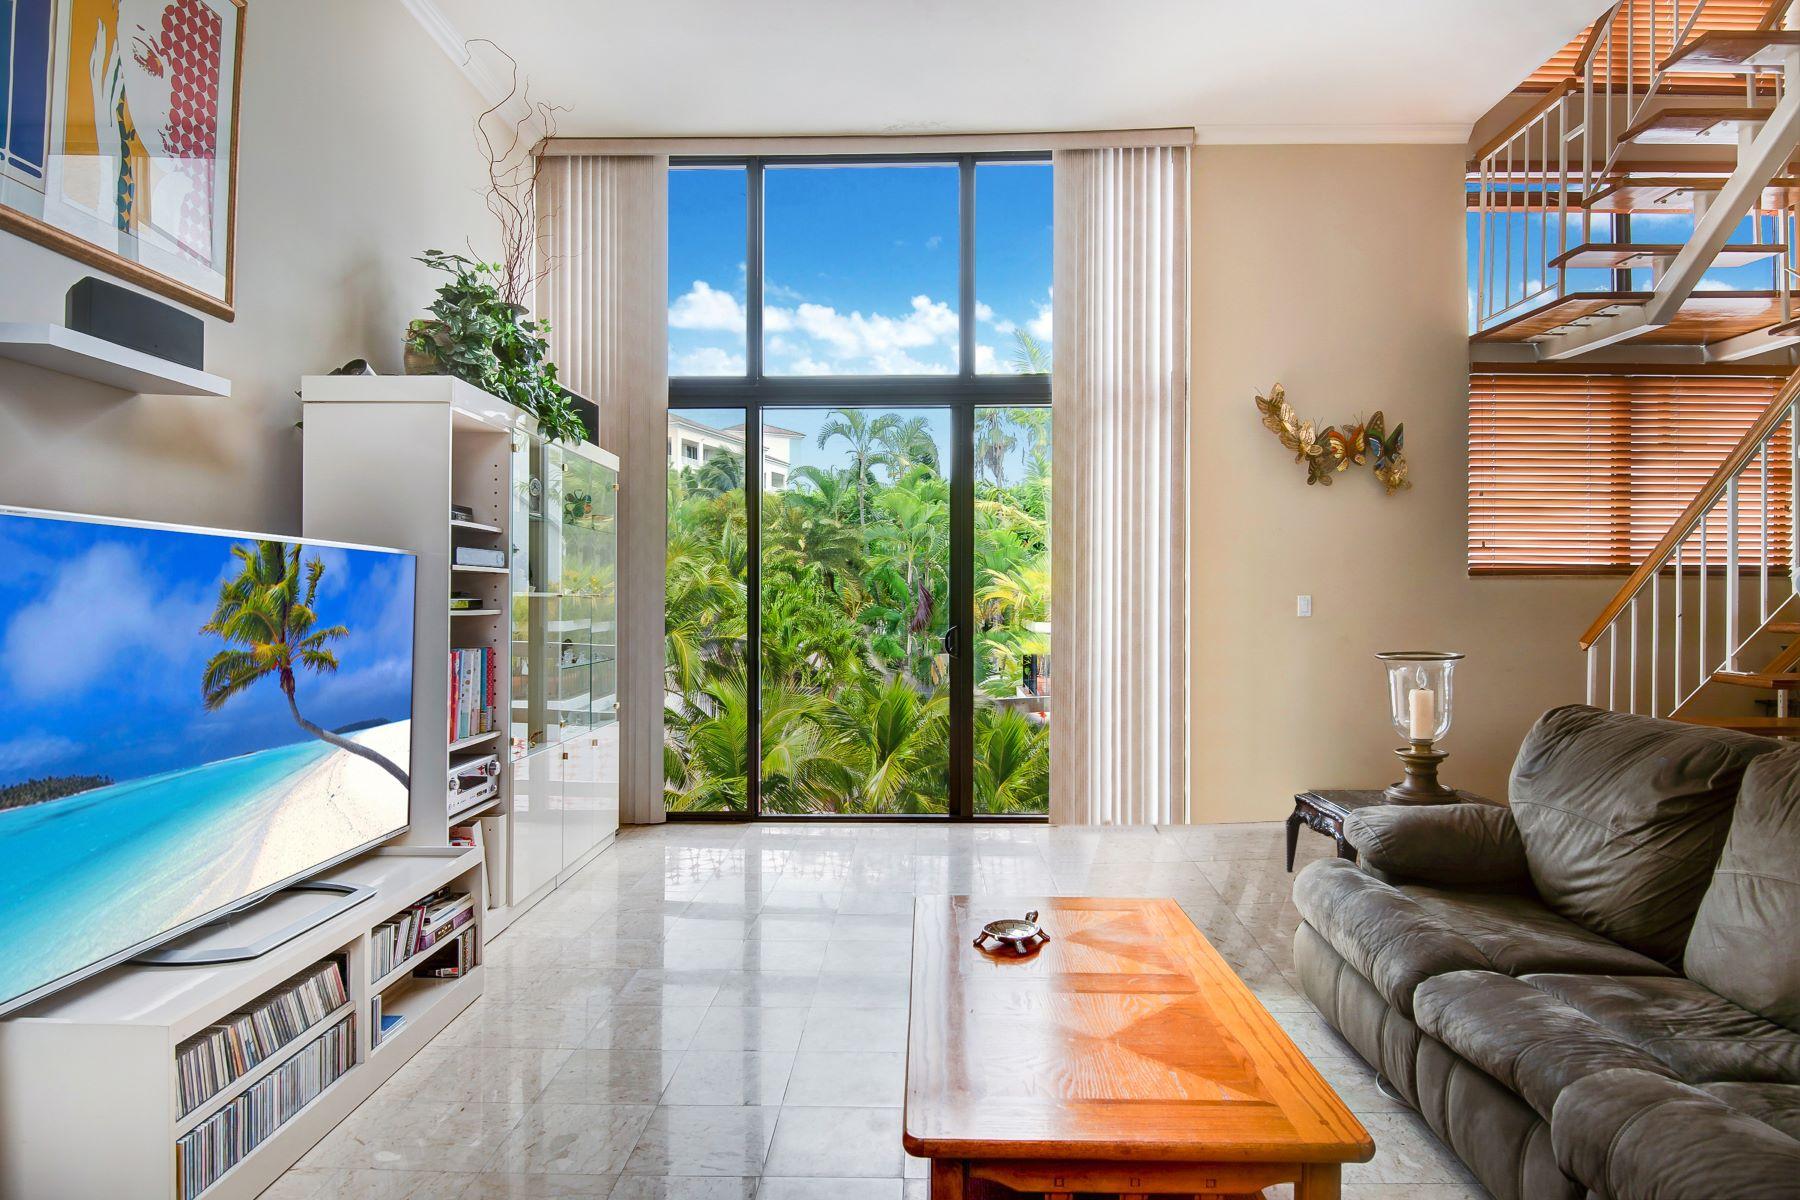 townhouses für Verkauf beim 135 E Enid Dr 18, Key Biscayne, Florida 33149 Vereinigte Staaten